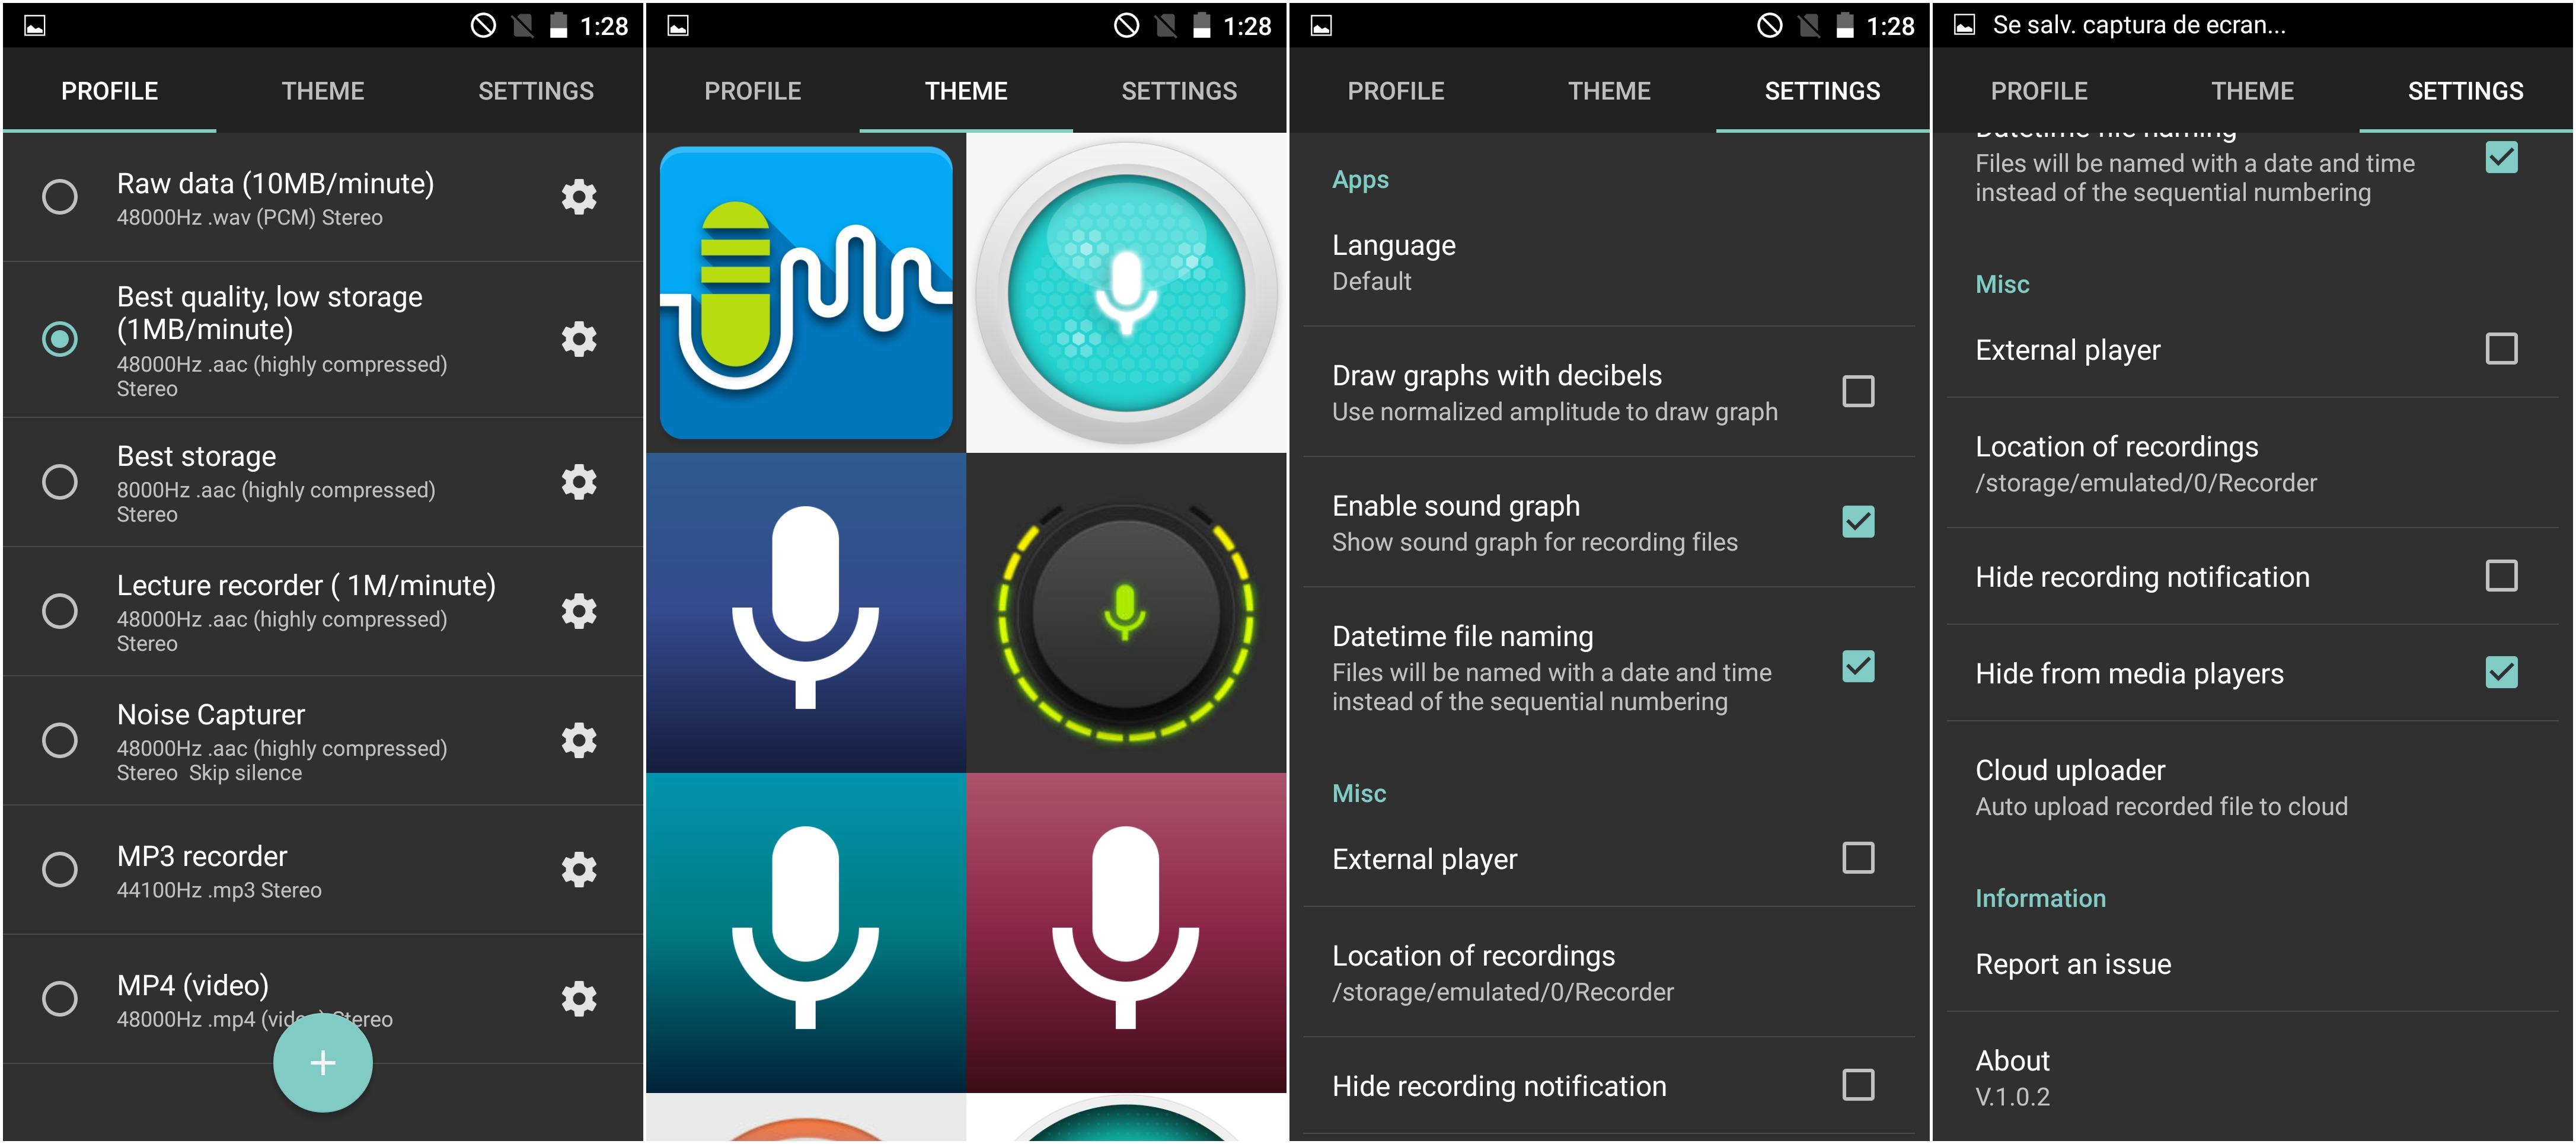 descărcare (1) Recordr - sound recorder profesional pentru Android cu functii interesante